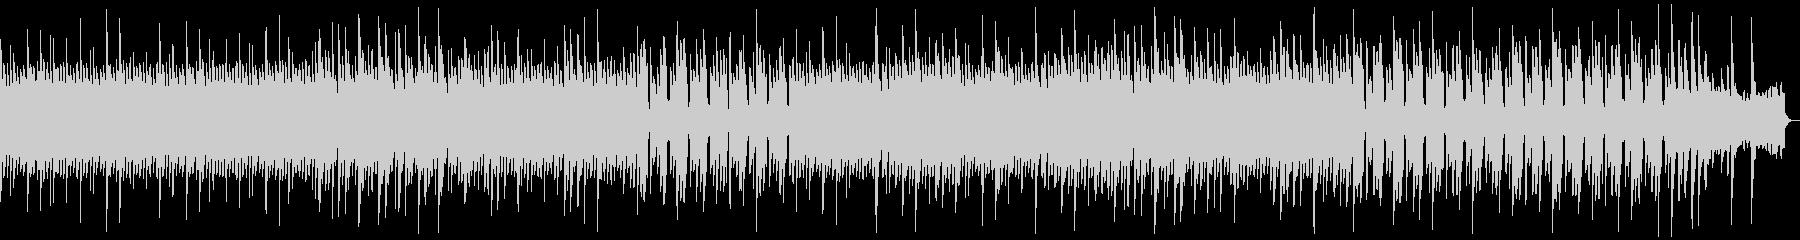 8bit ダークファンタジーなBGMの未再生の波形